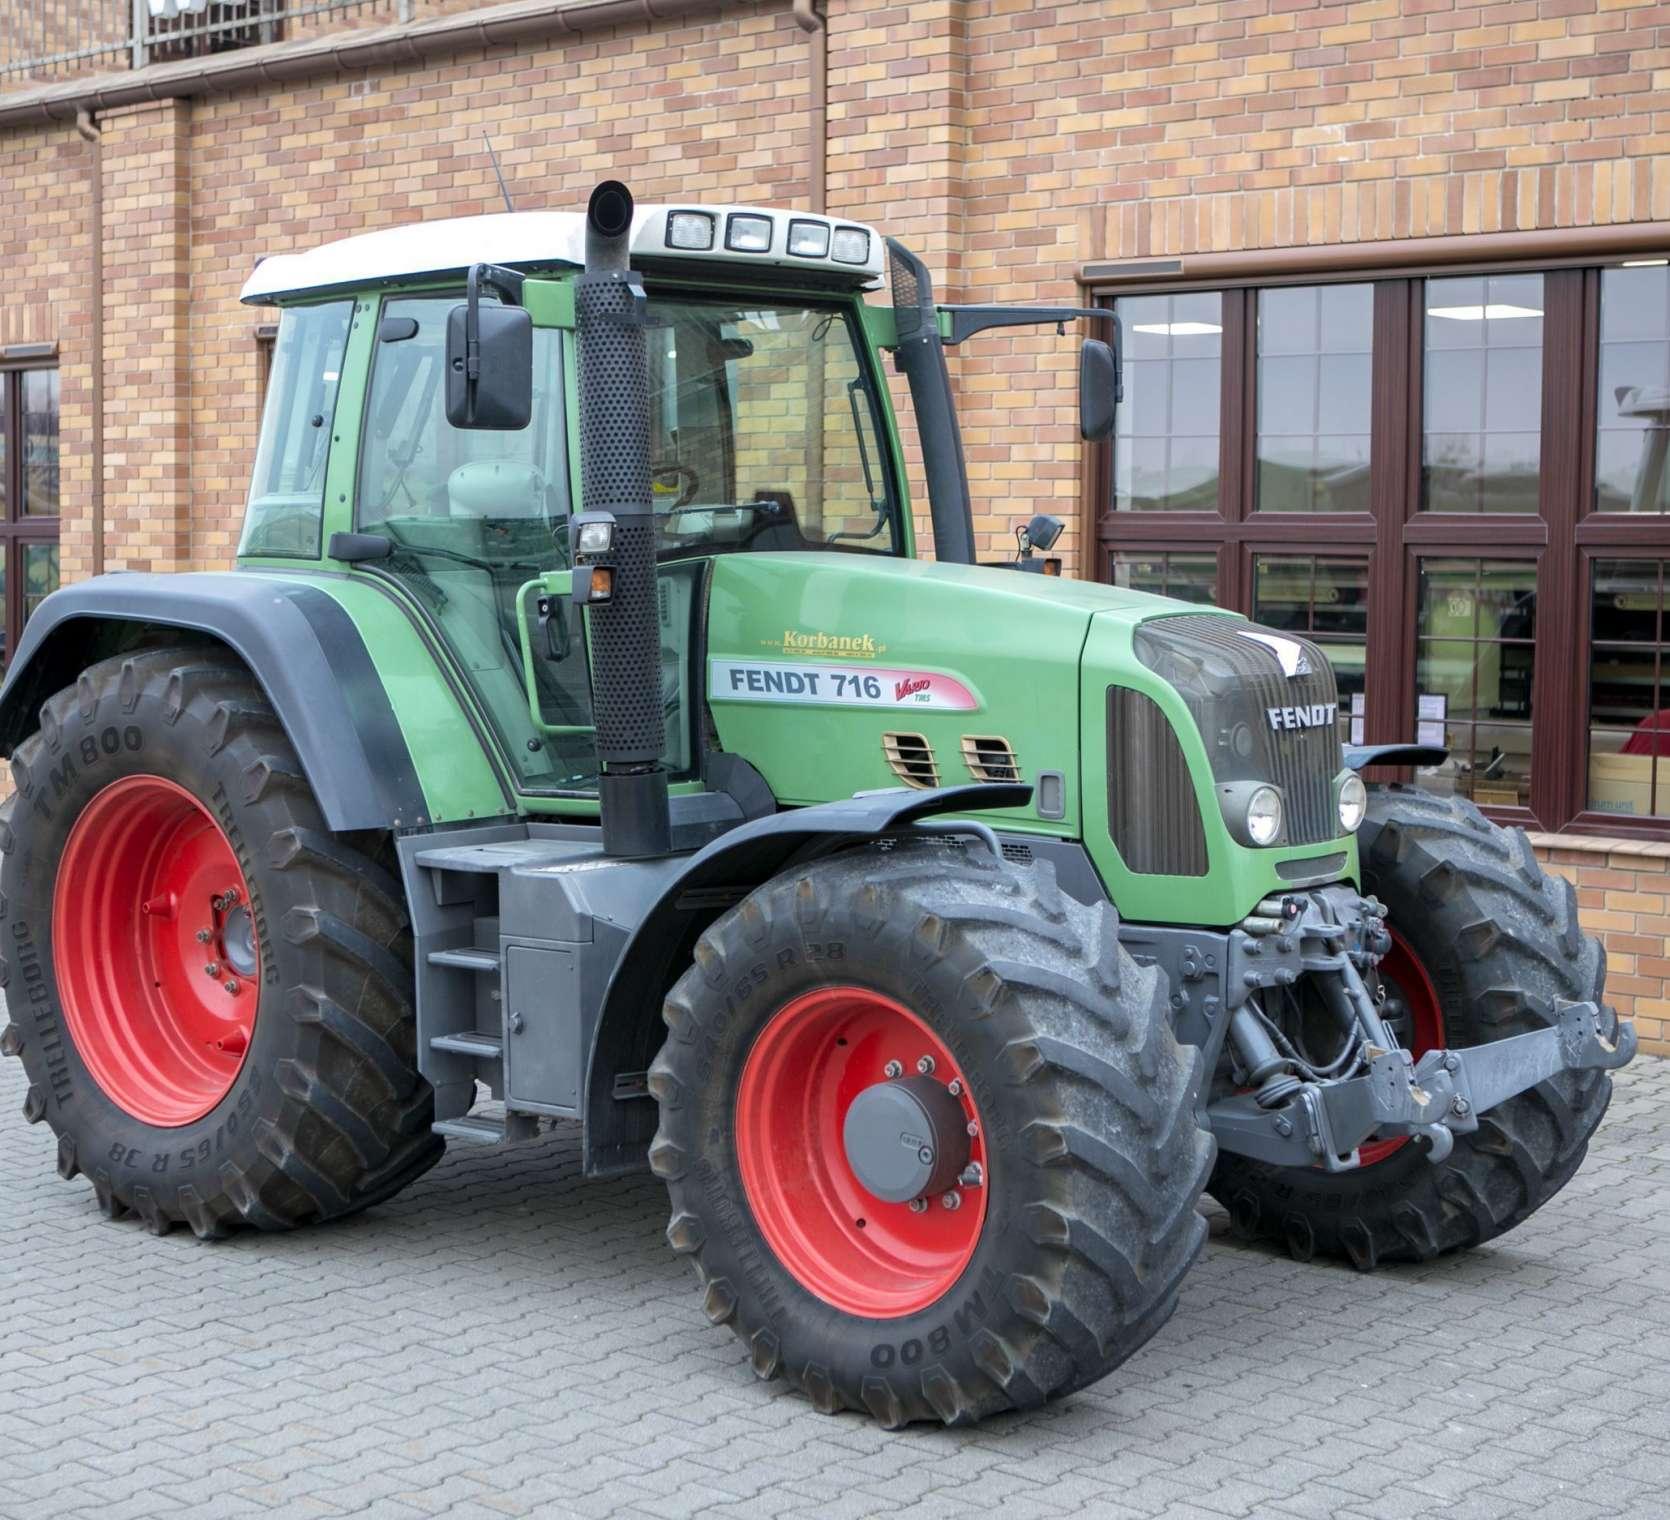 Traktor FENDT 716 vario, widok na bok i przód używanego ciągnika od korbanek.pl